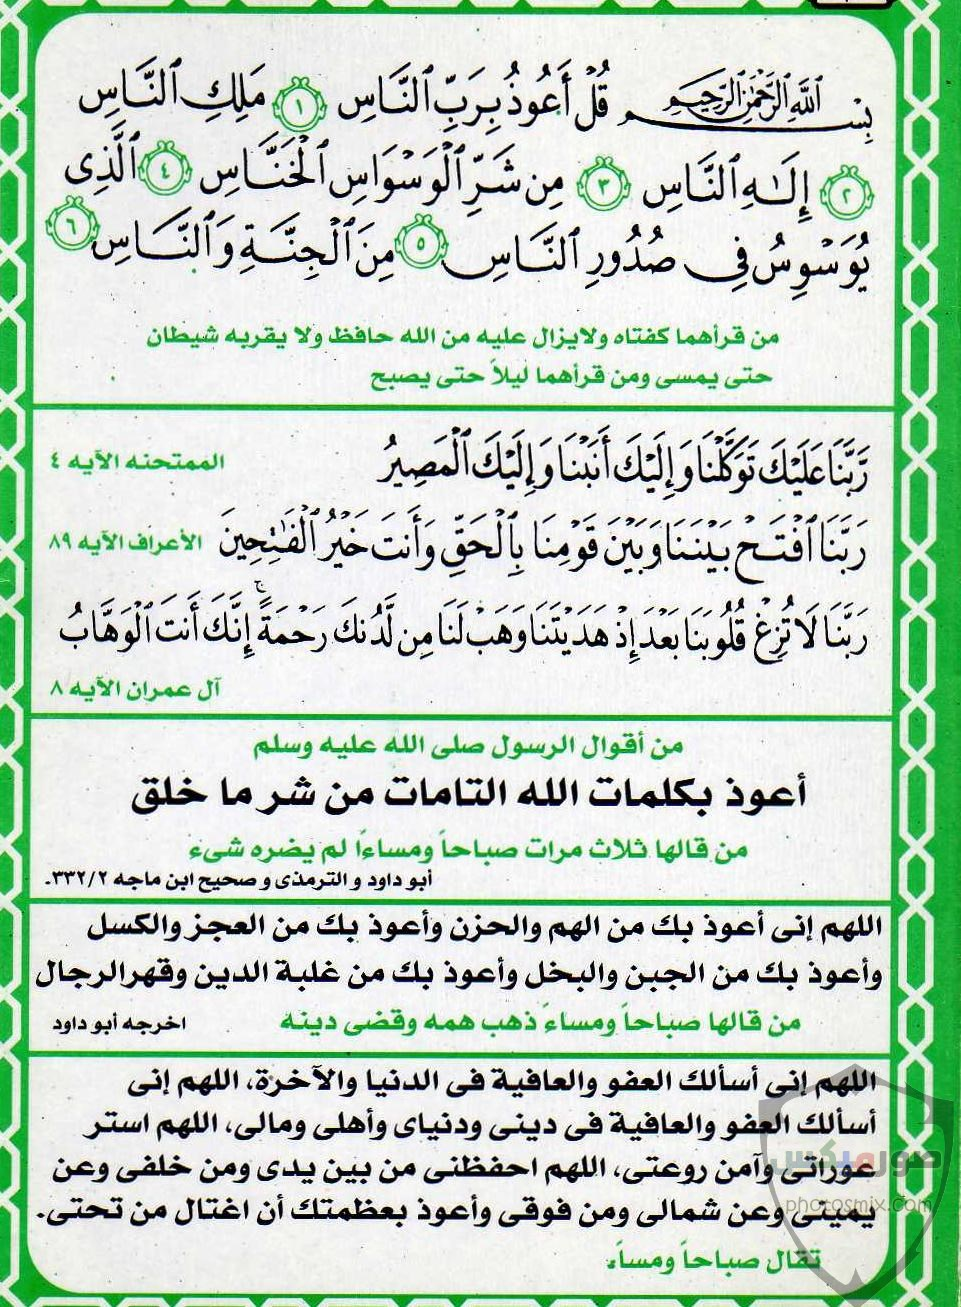 حصن المسلم 5